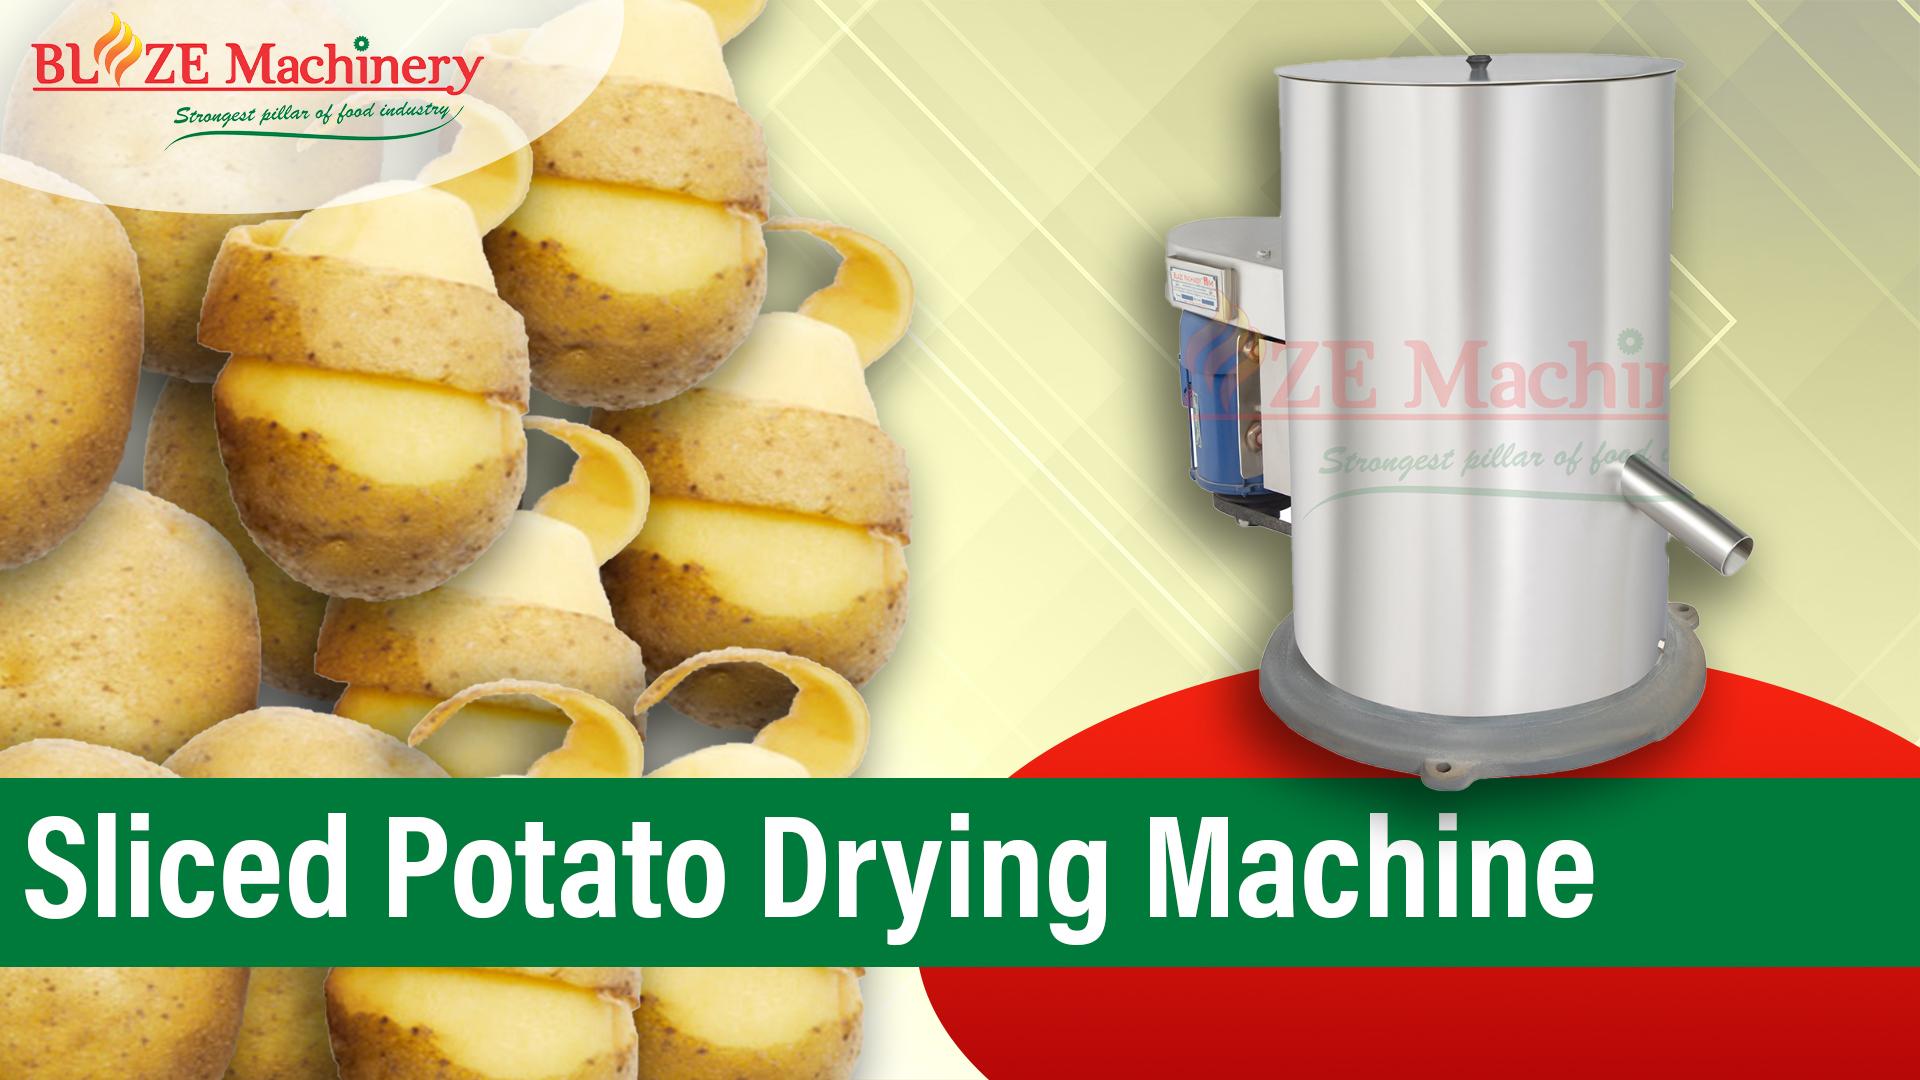 Sliced Potato Drying Machine